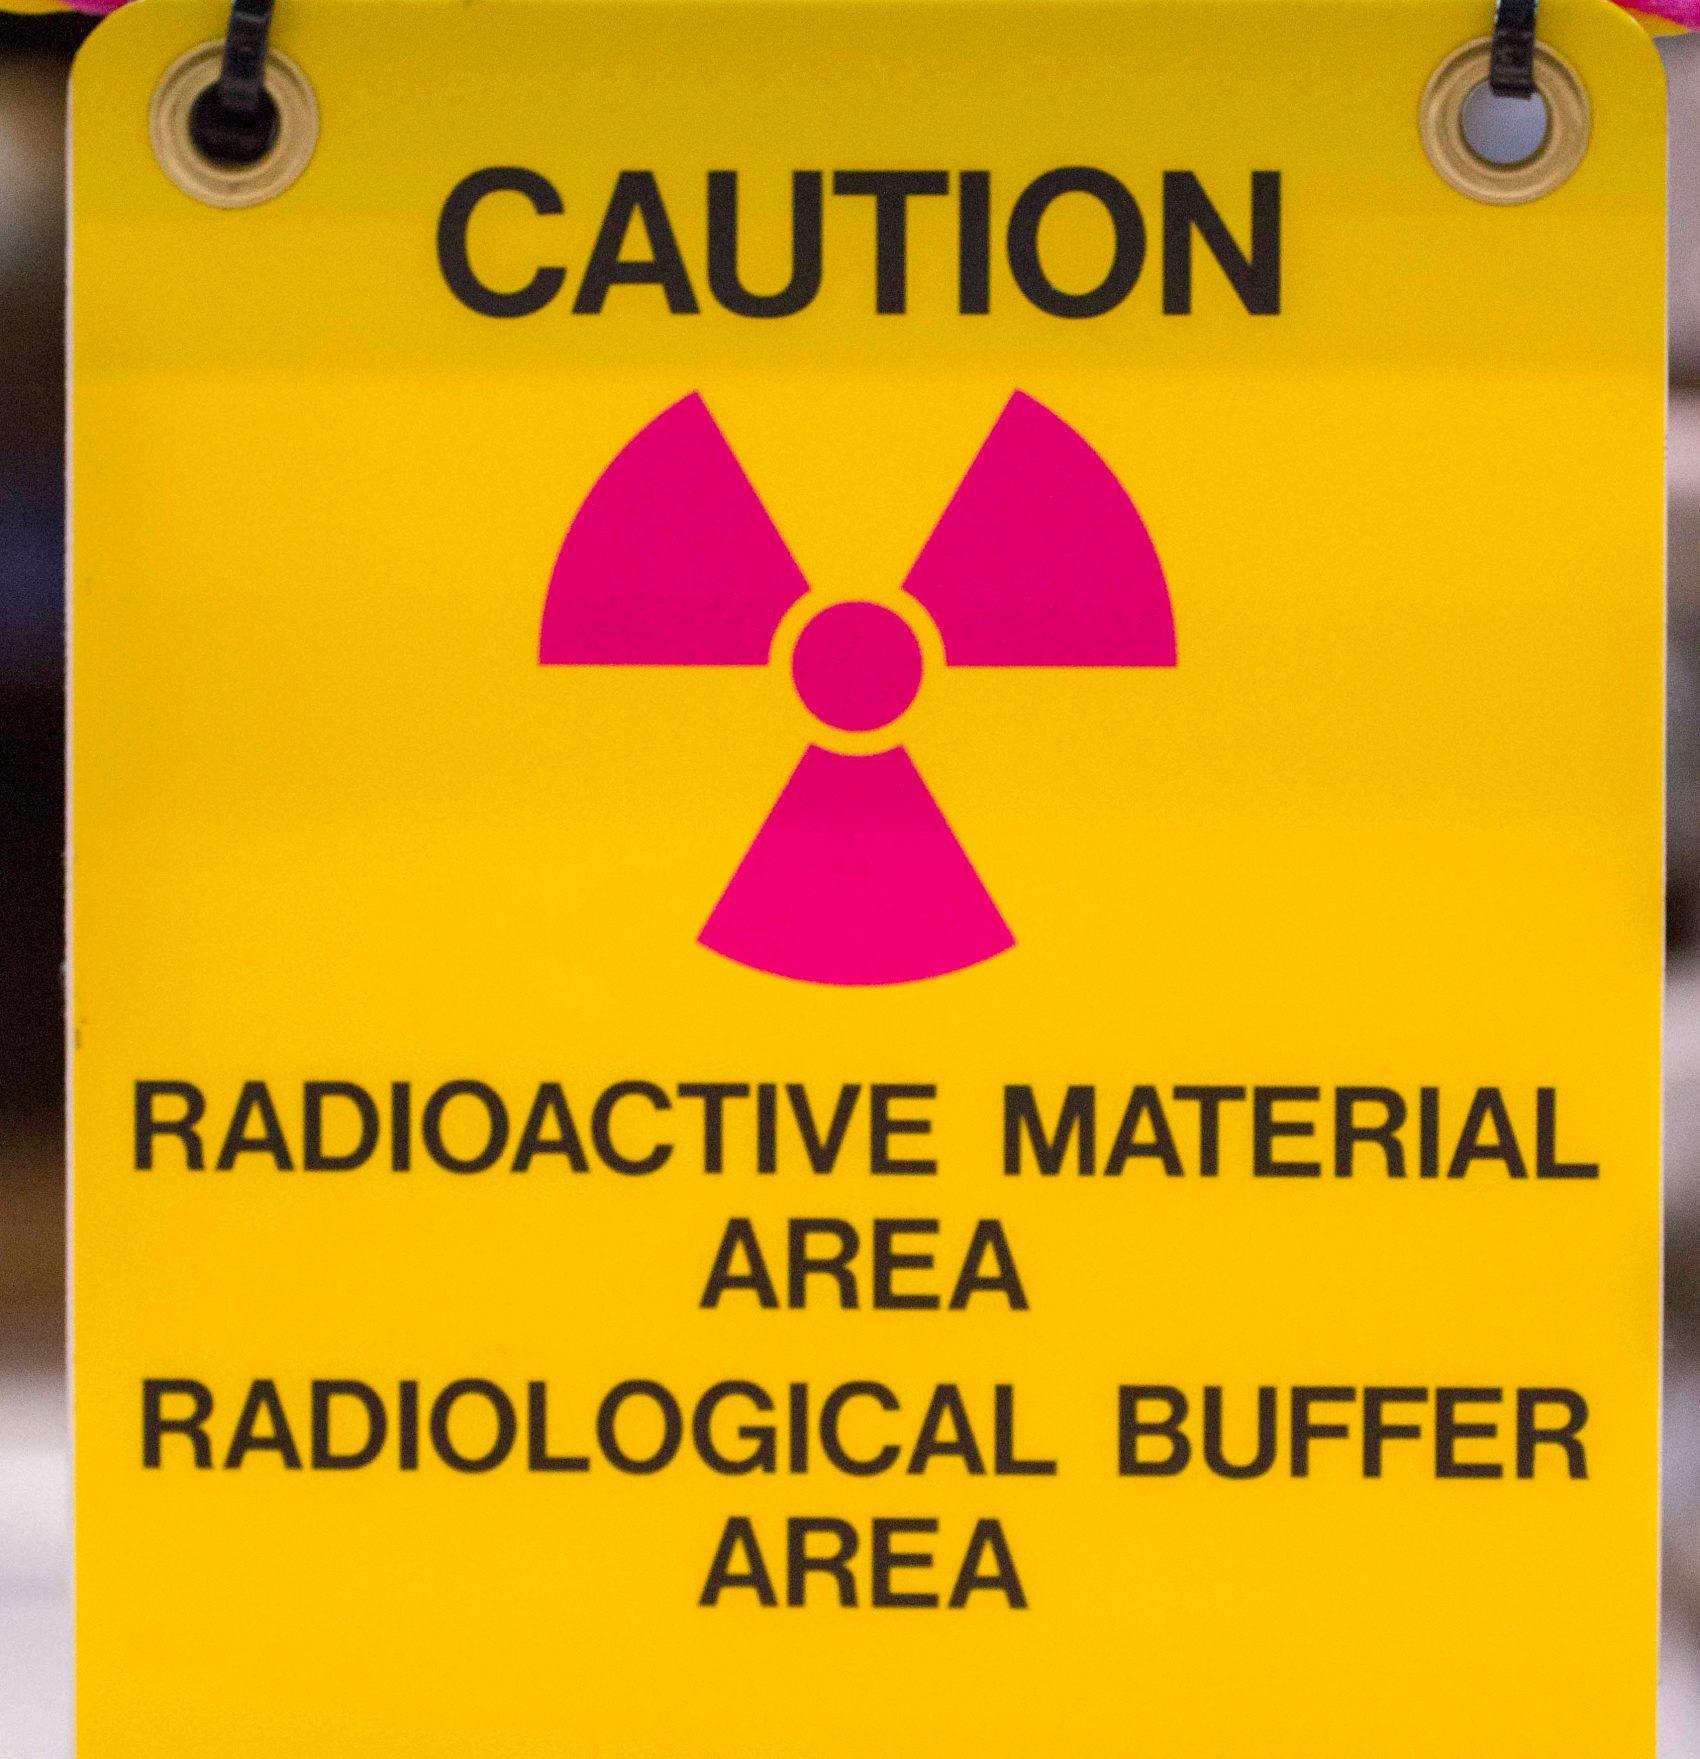 Radioactive Utah?